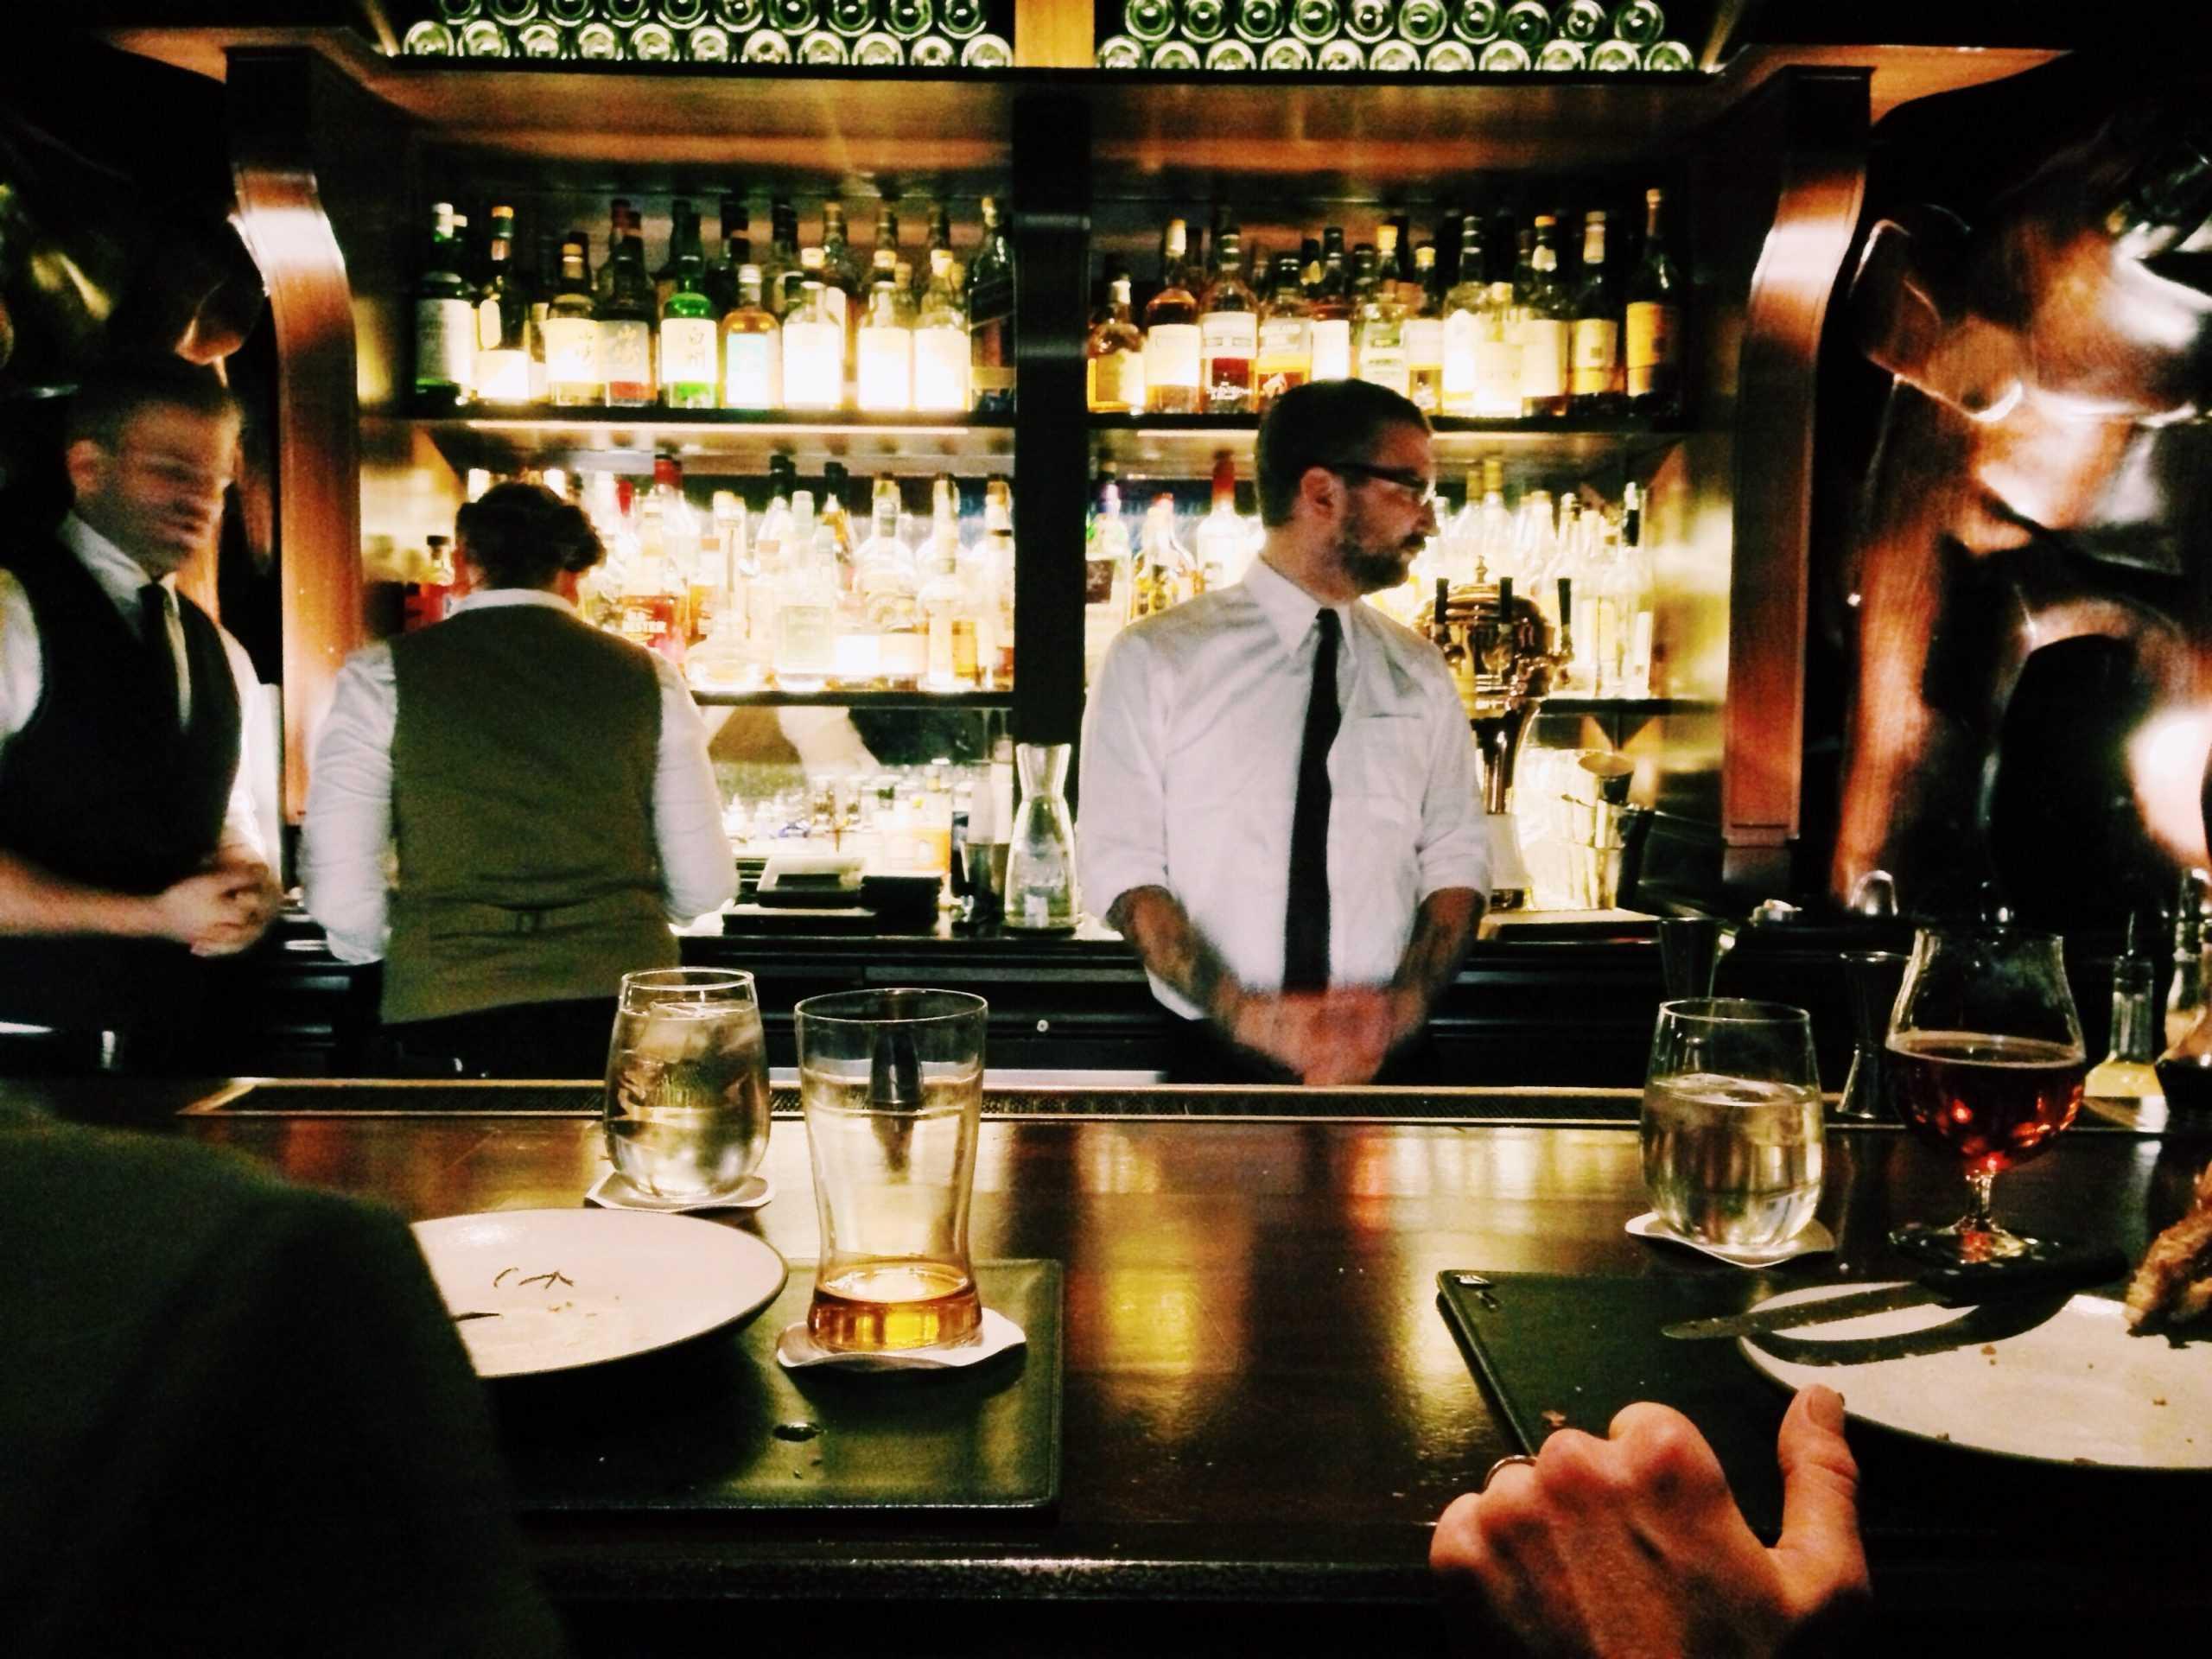 Bartender standing next to bar